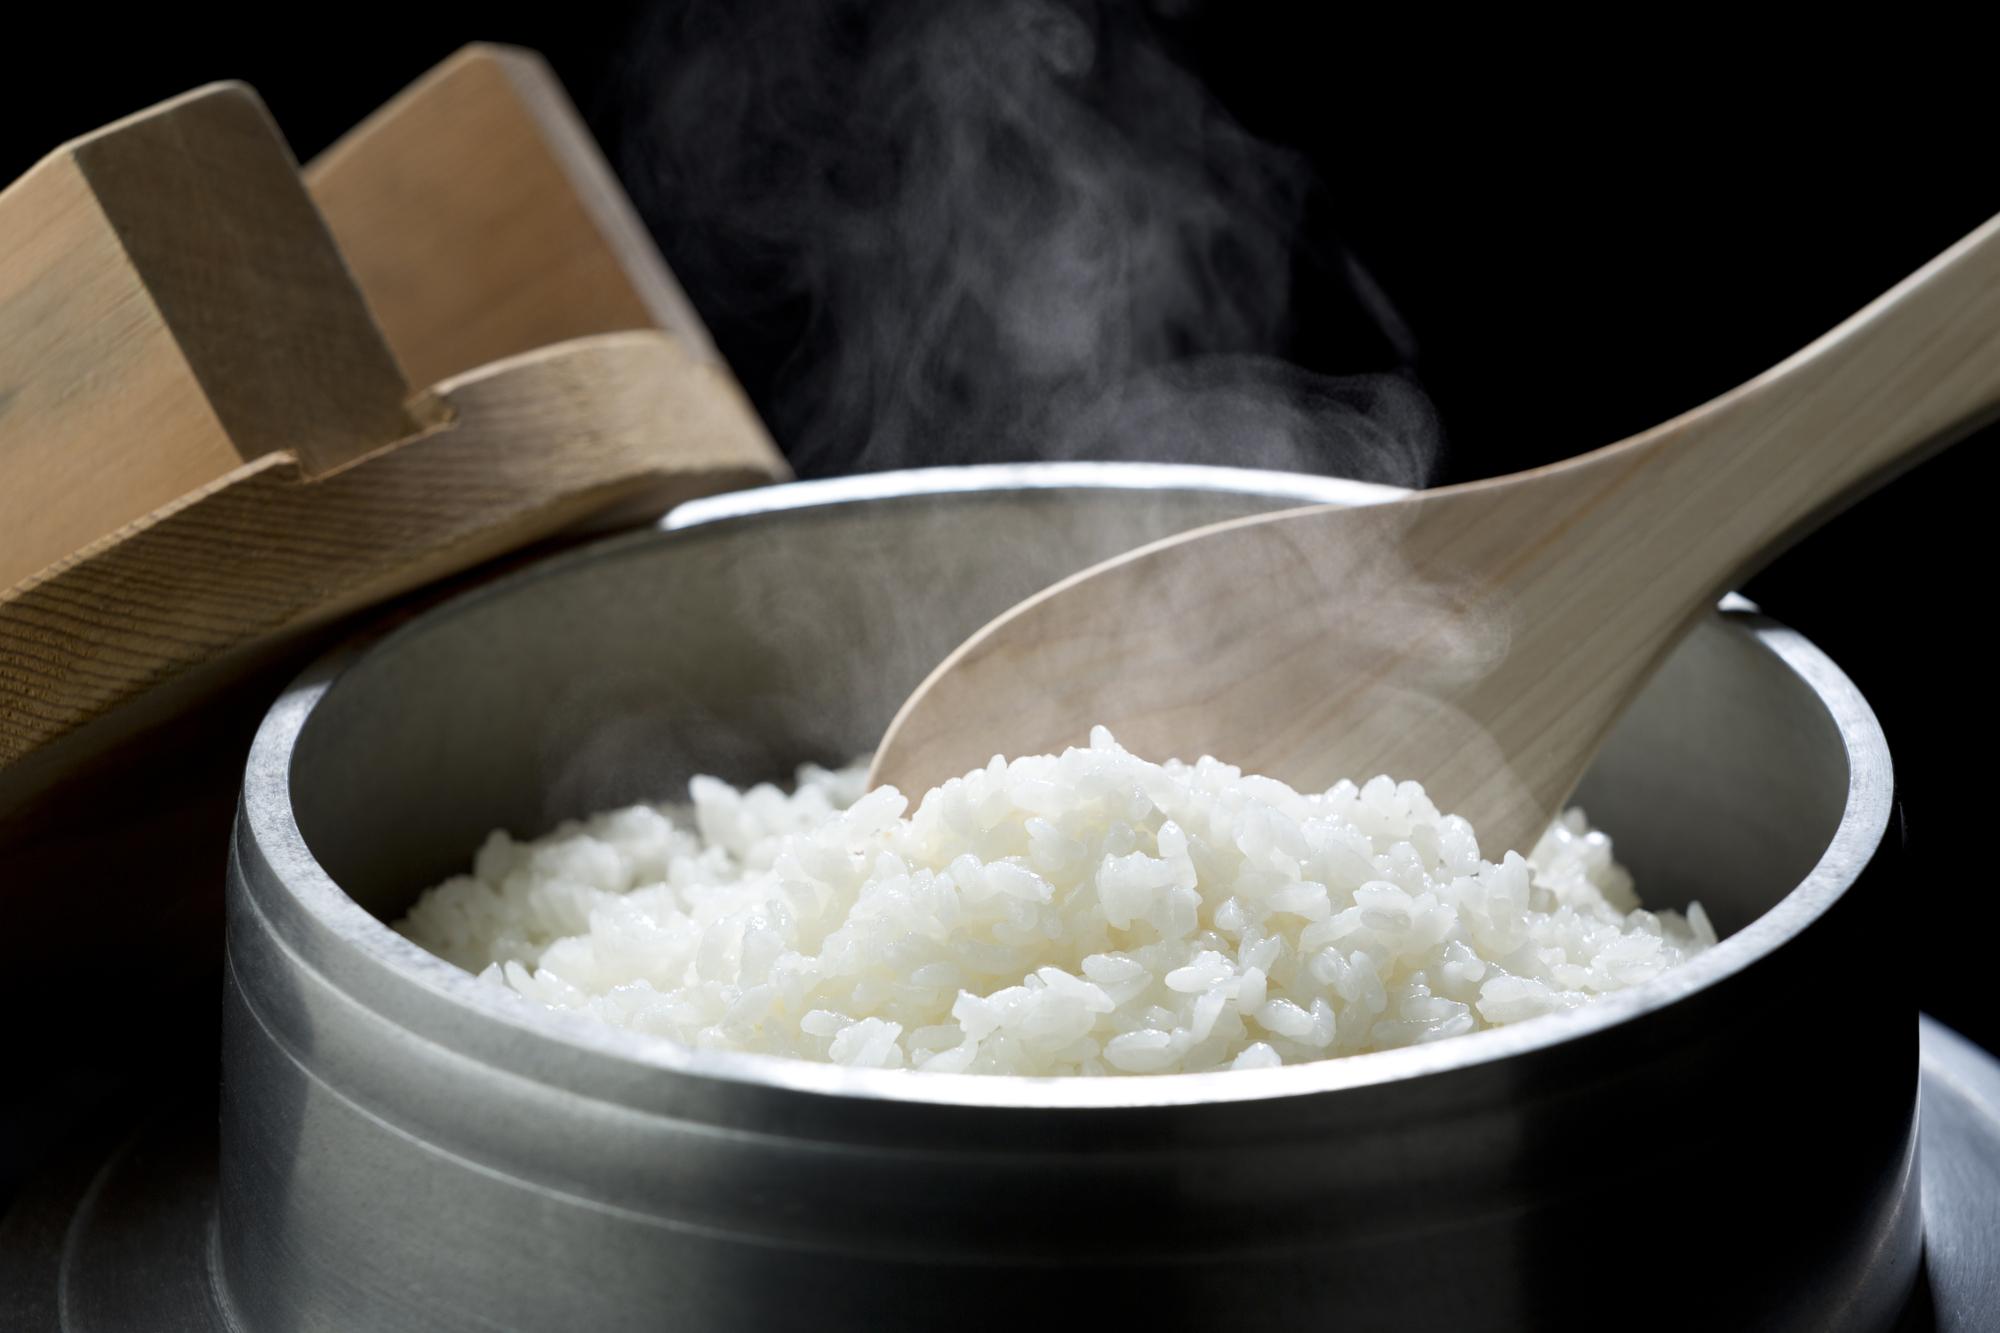 みんな知ってる?お米の賞味期限っていつまでの疑問にお答えします。のサムネイル画像